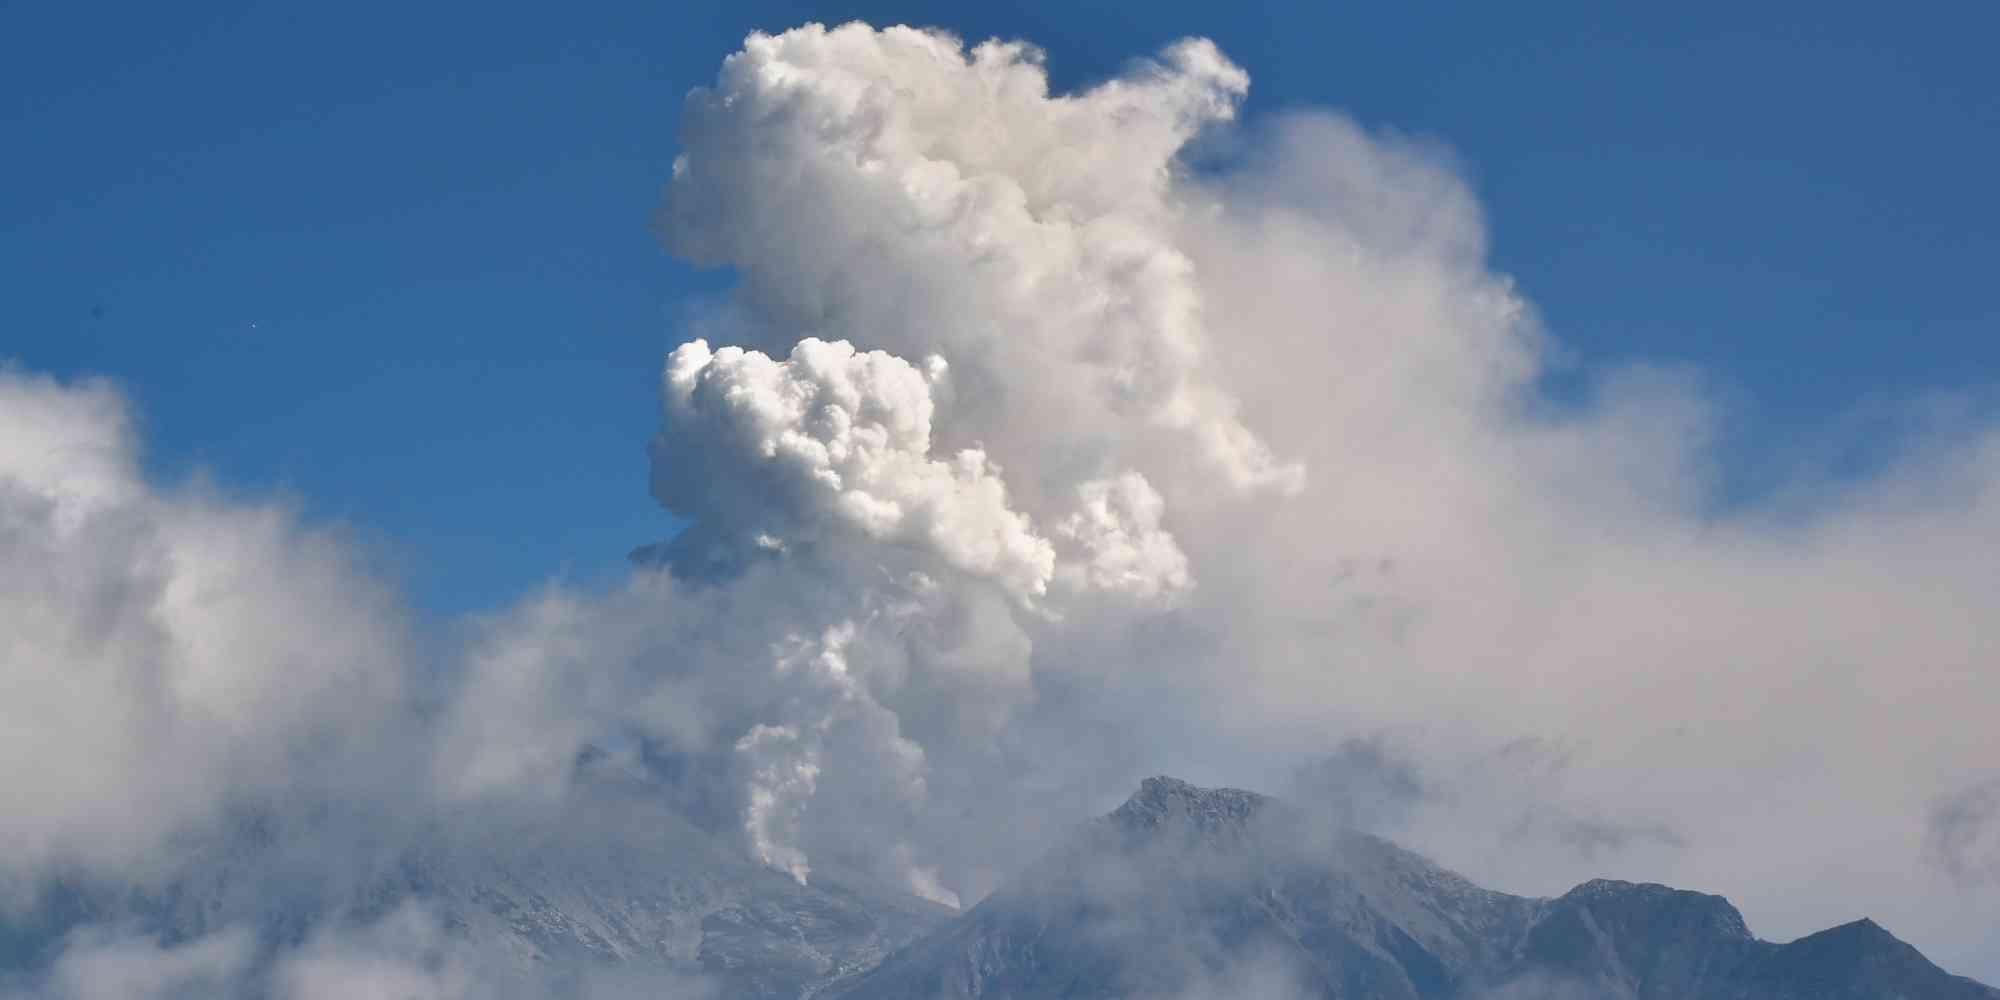 御嶽山噴火は1週間前に予言されていた? Yahoo!知恵袋に謎の投稿